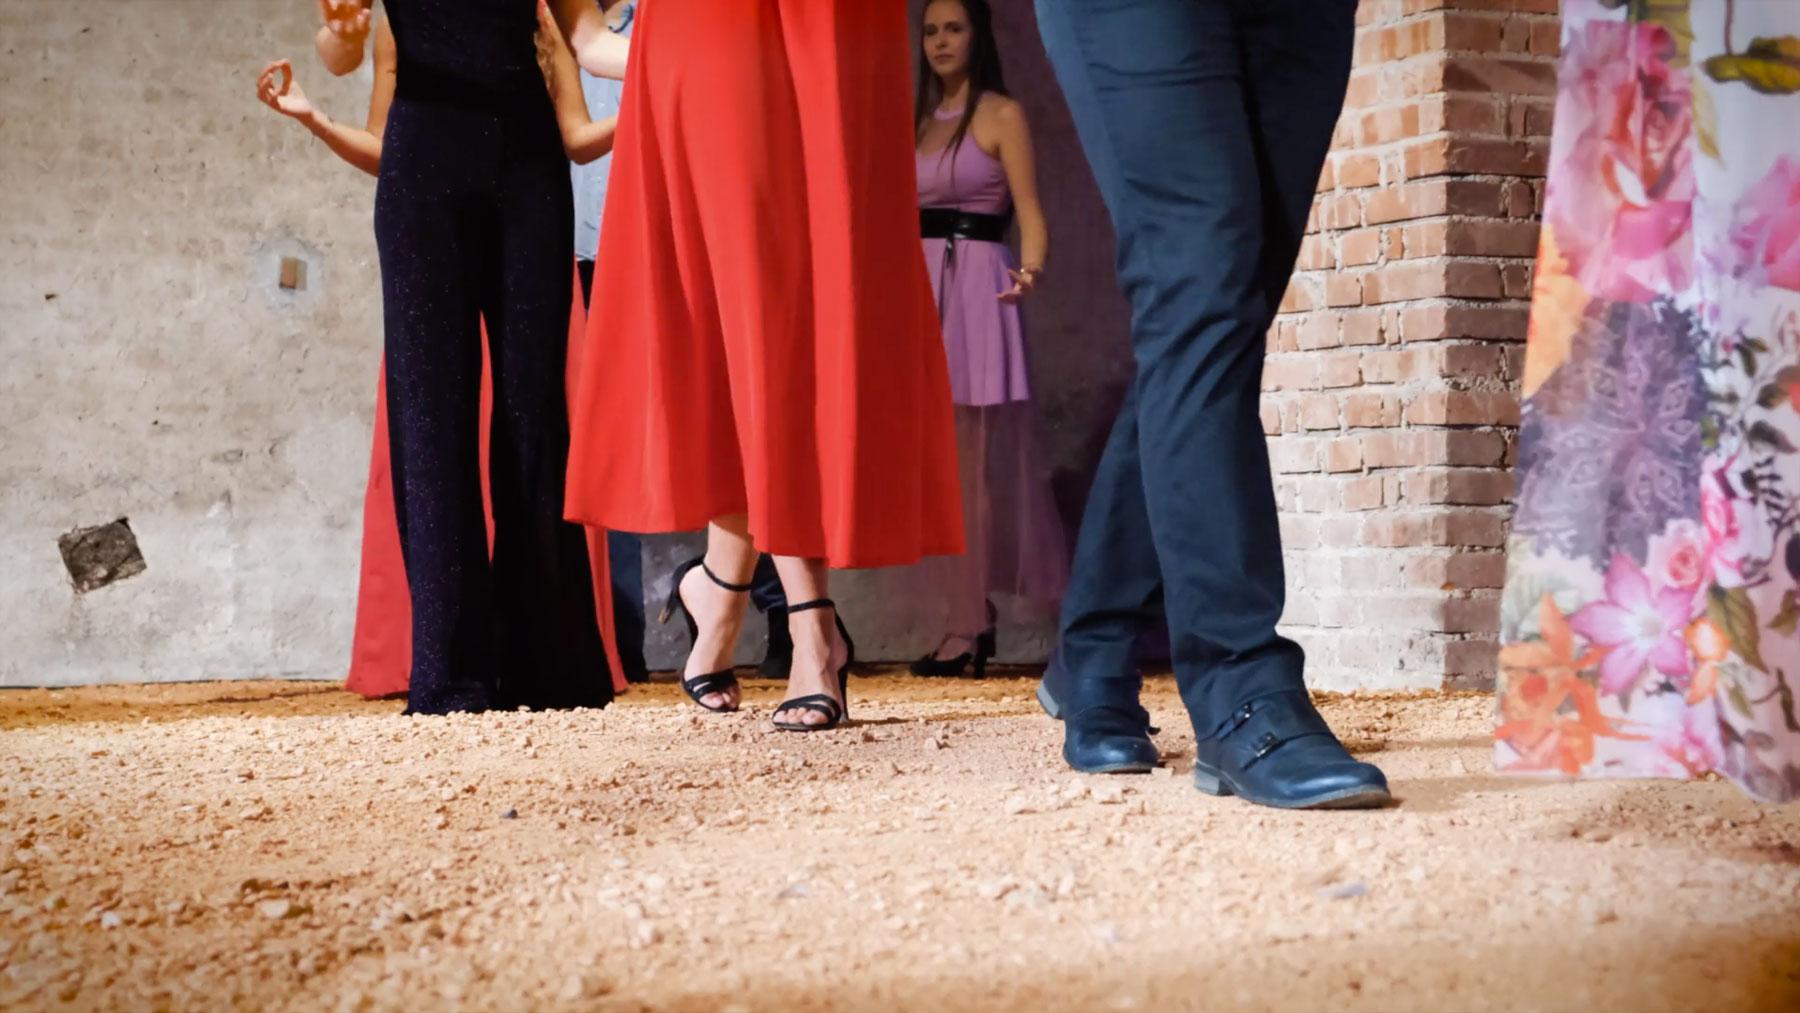 Dance! The NELKEN-Line Villa Ottelio Savorgnan